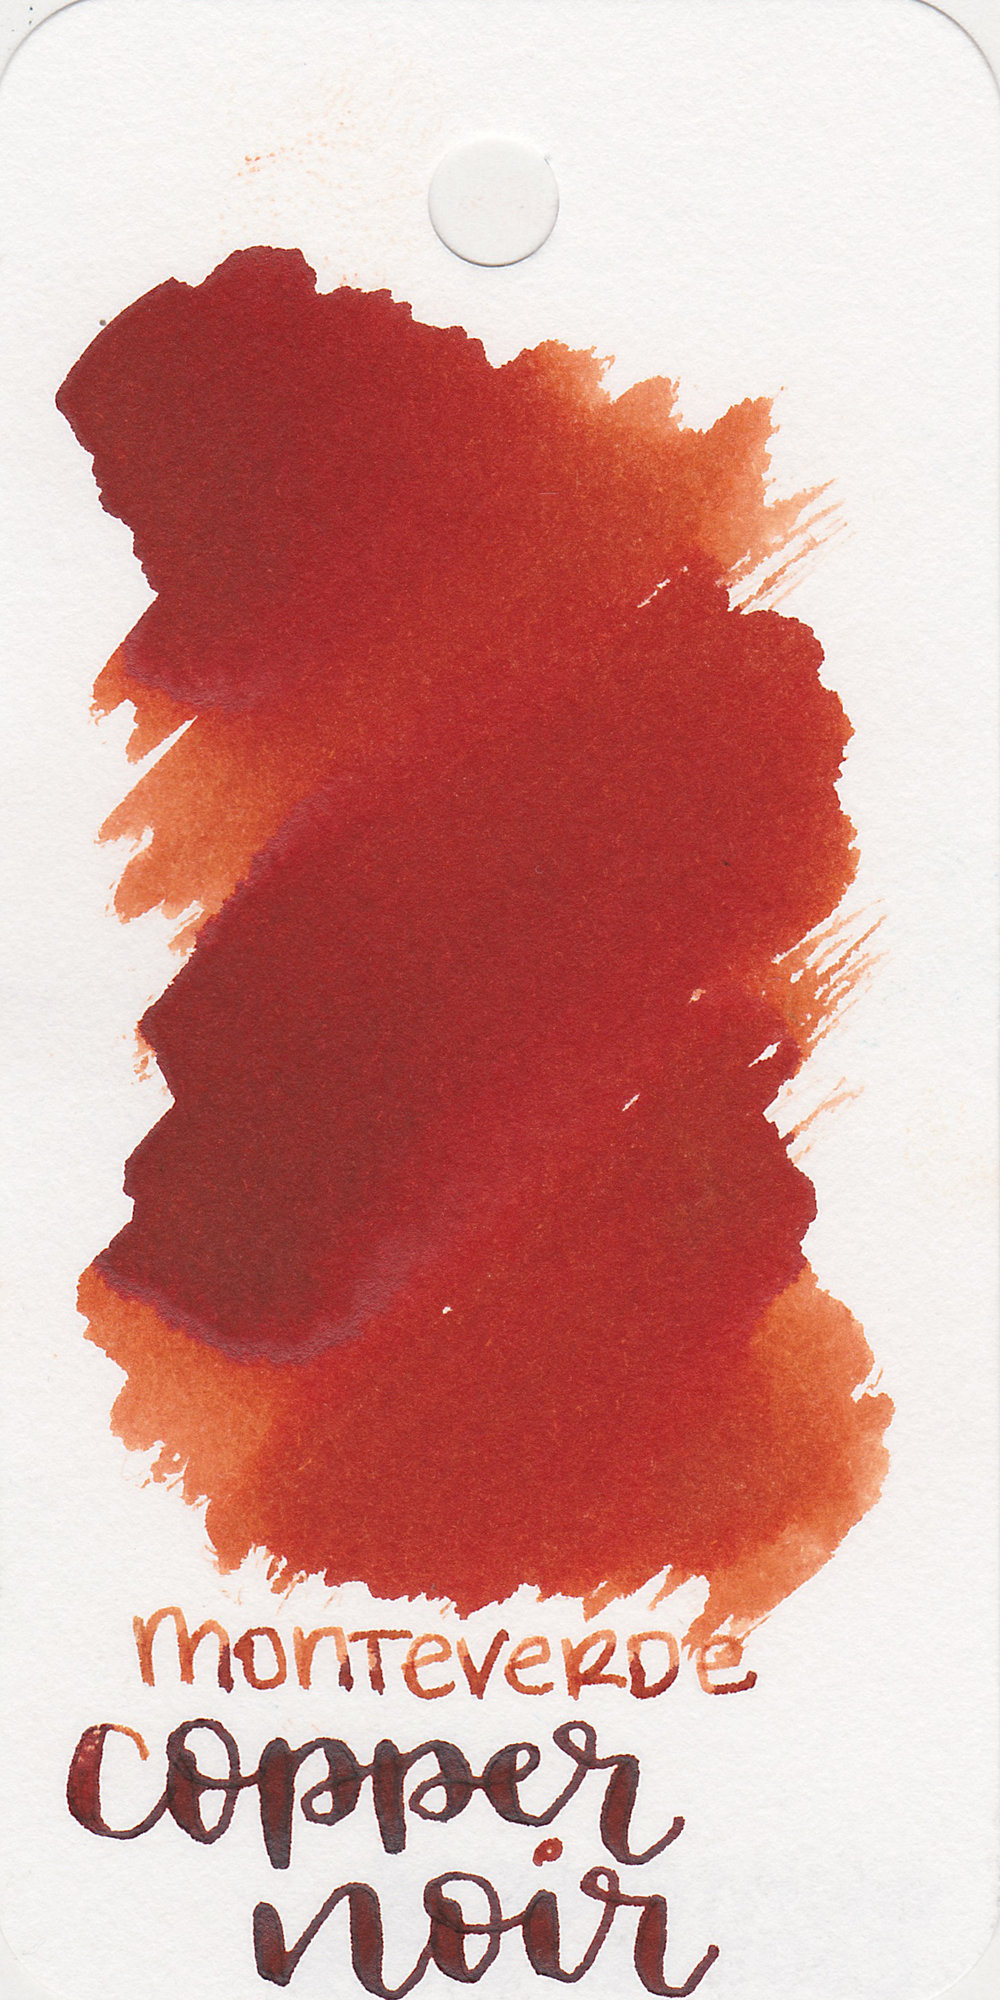 mv-copper-noir-1.jpg